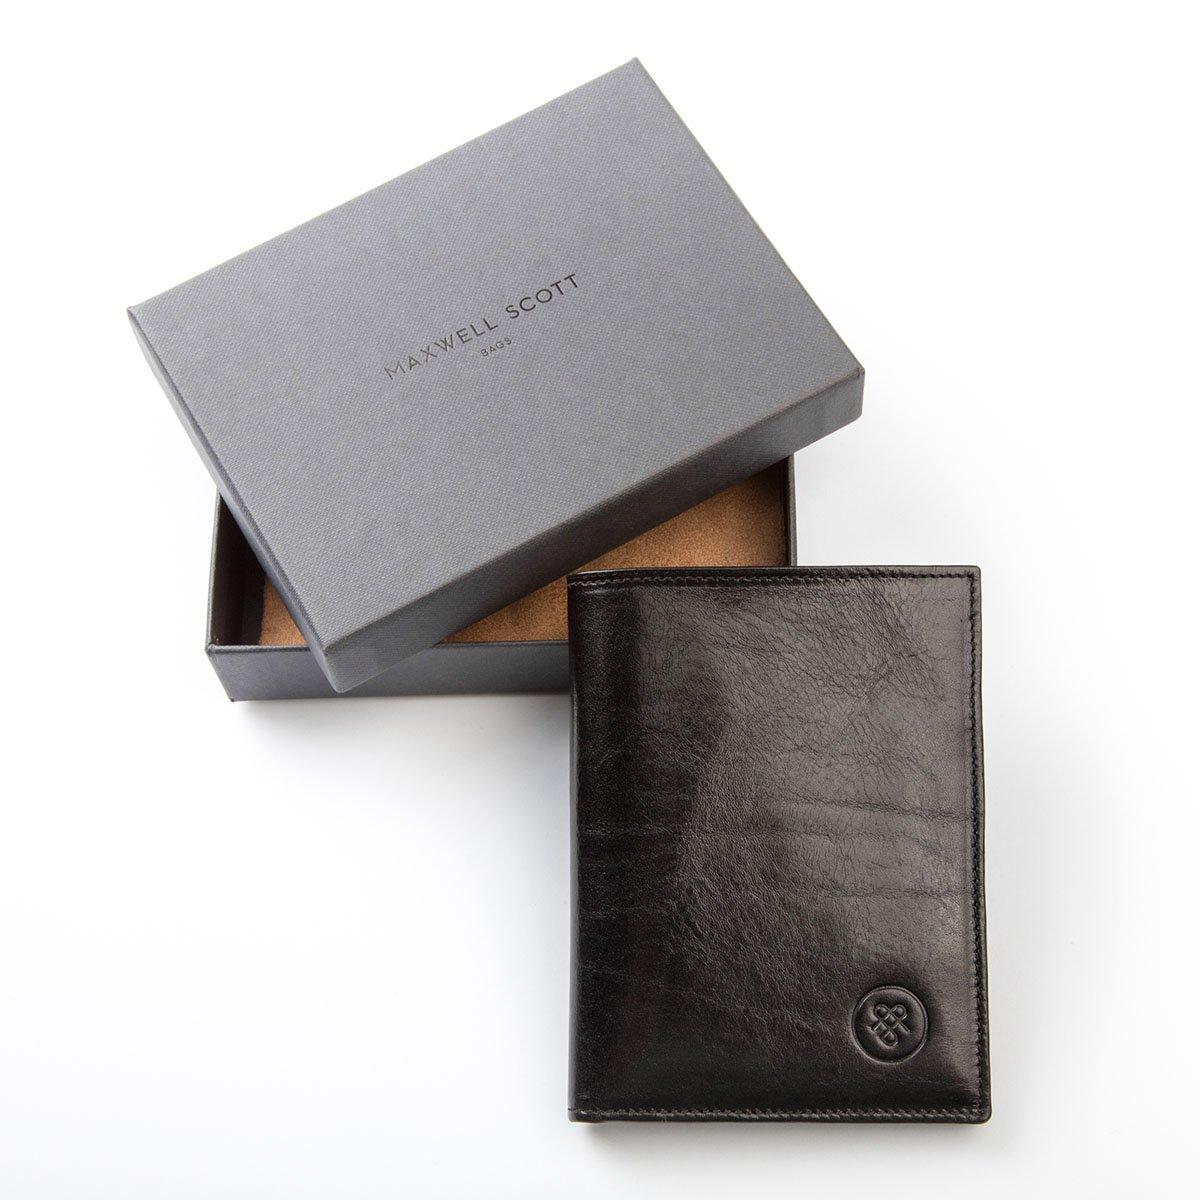 Maxwell Scott® Cartera vertical de dos secciones en Piel Italiana con Tarjetero Negro (Salerno): Amazon.es: Equipaje